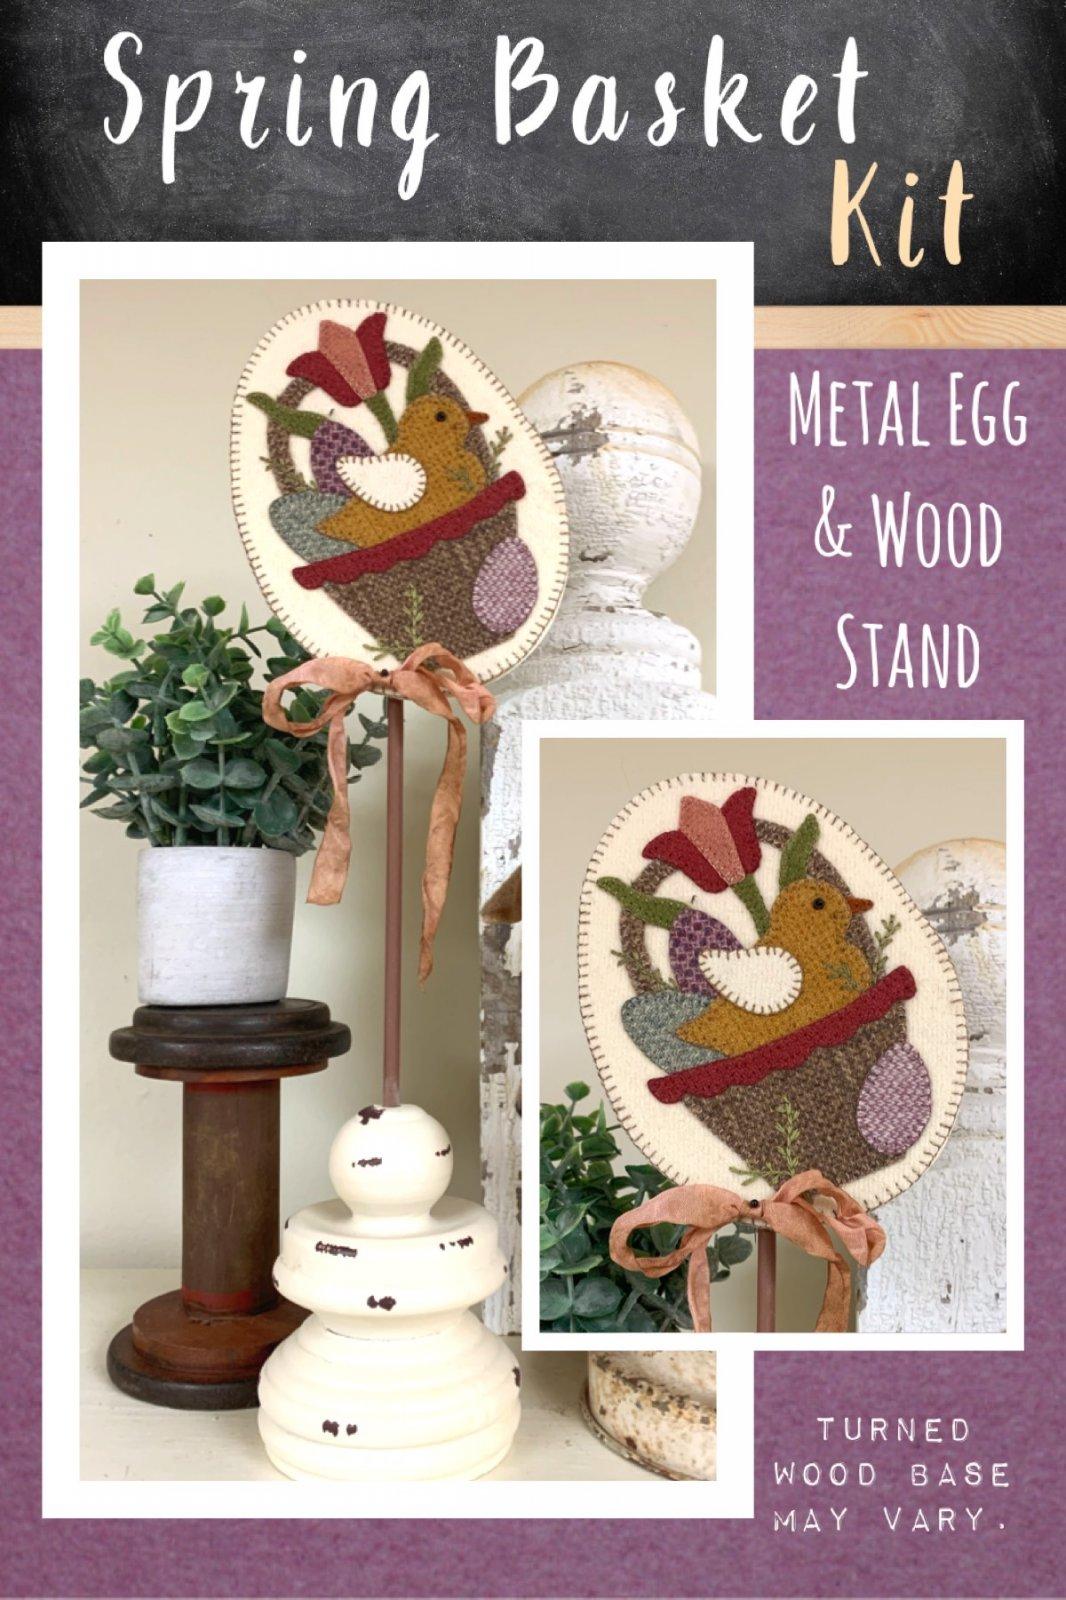 Spring Basket * Kit, Pattern, Metal Egg & Wood Stand